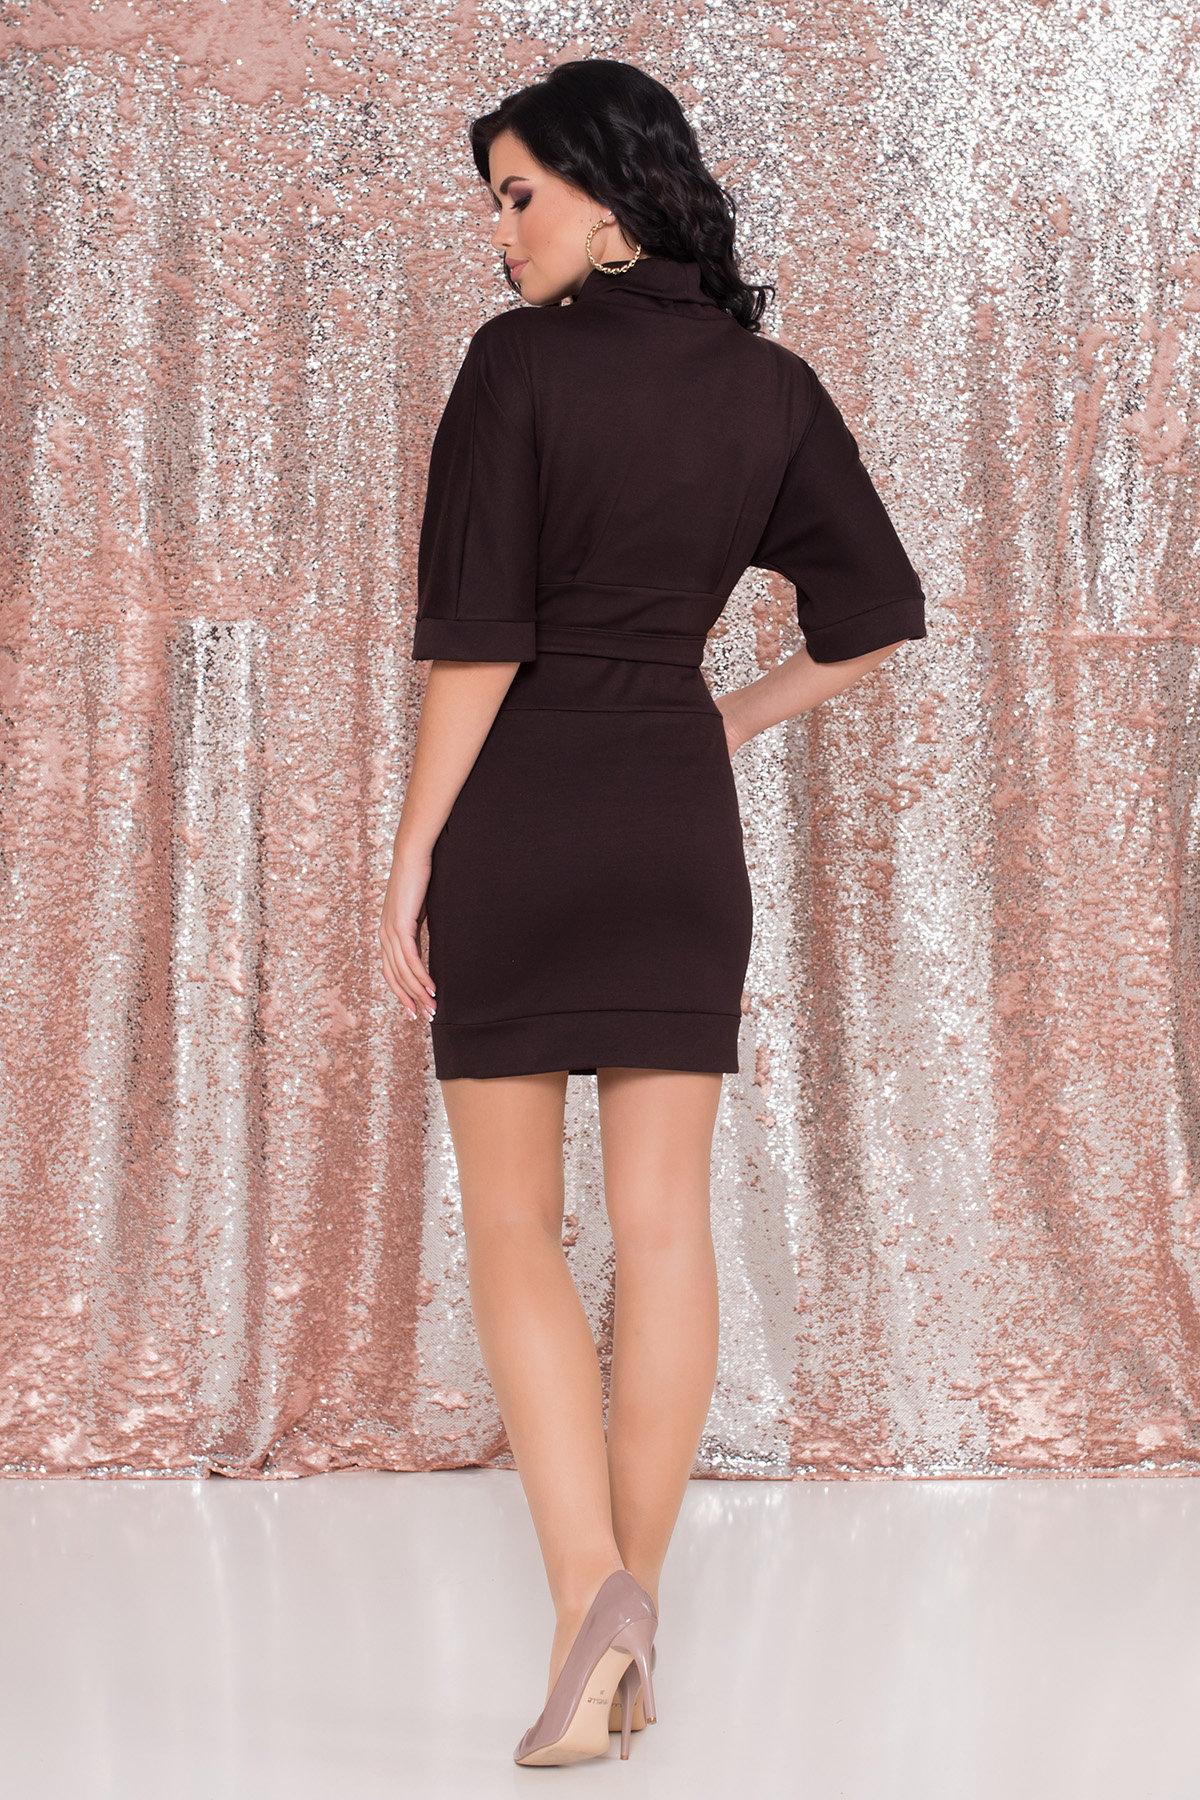 Трикотажное платье Вассаби 8478 АРТ. 44906 Цвет: Шоколад - фото 7, интернет магазин tm-modus.ru